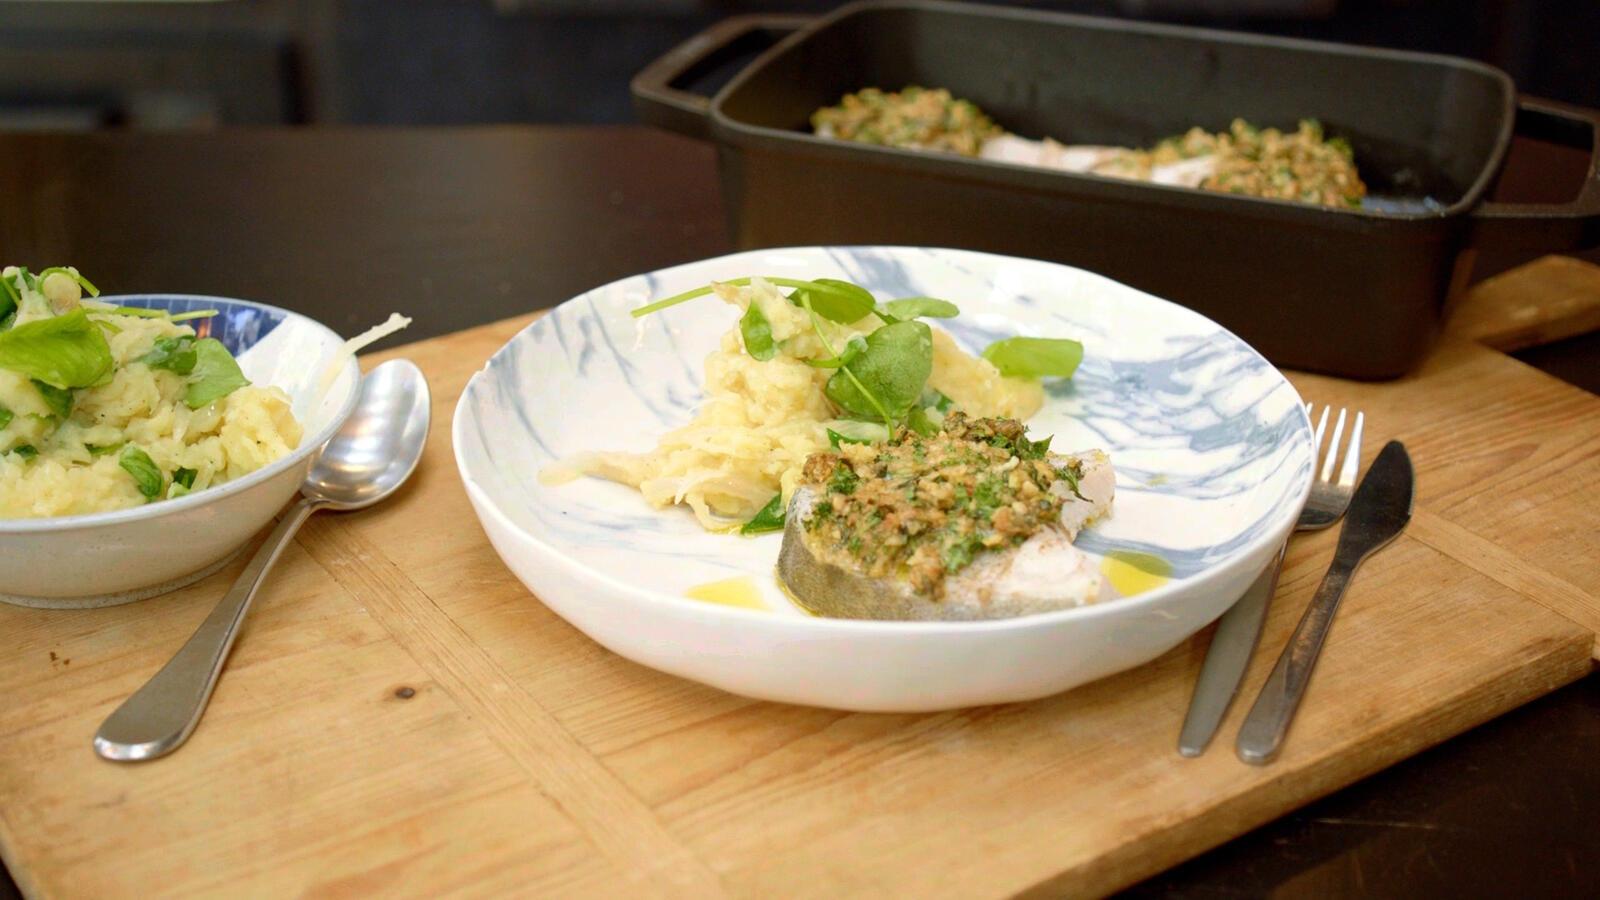 Vlaswijting met kruidenkorst, geplette aardappel en postelein